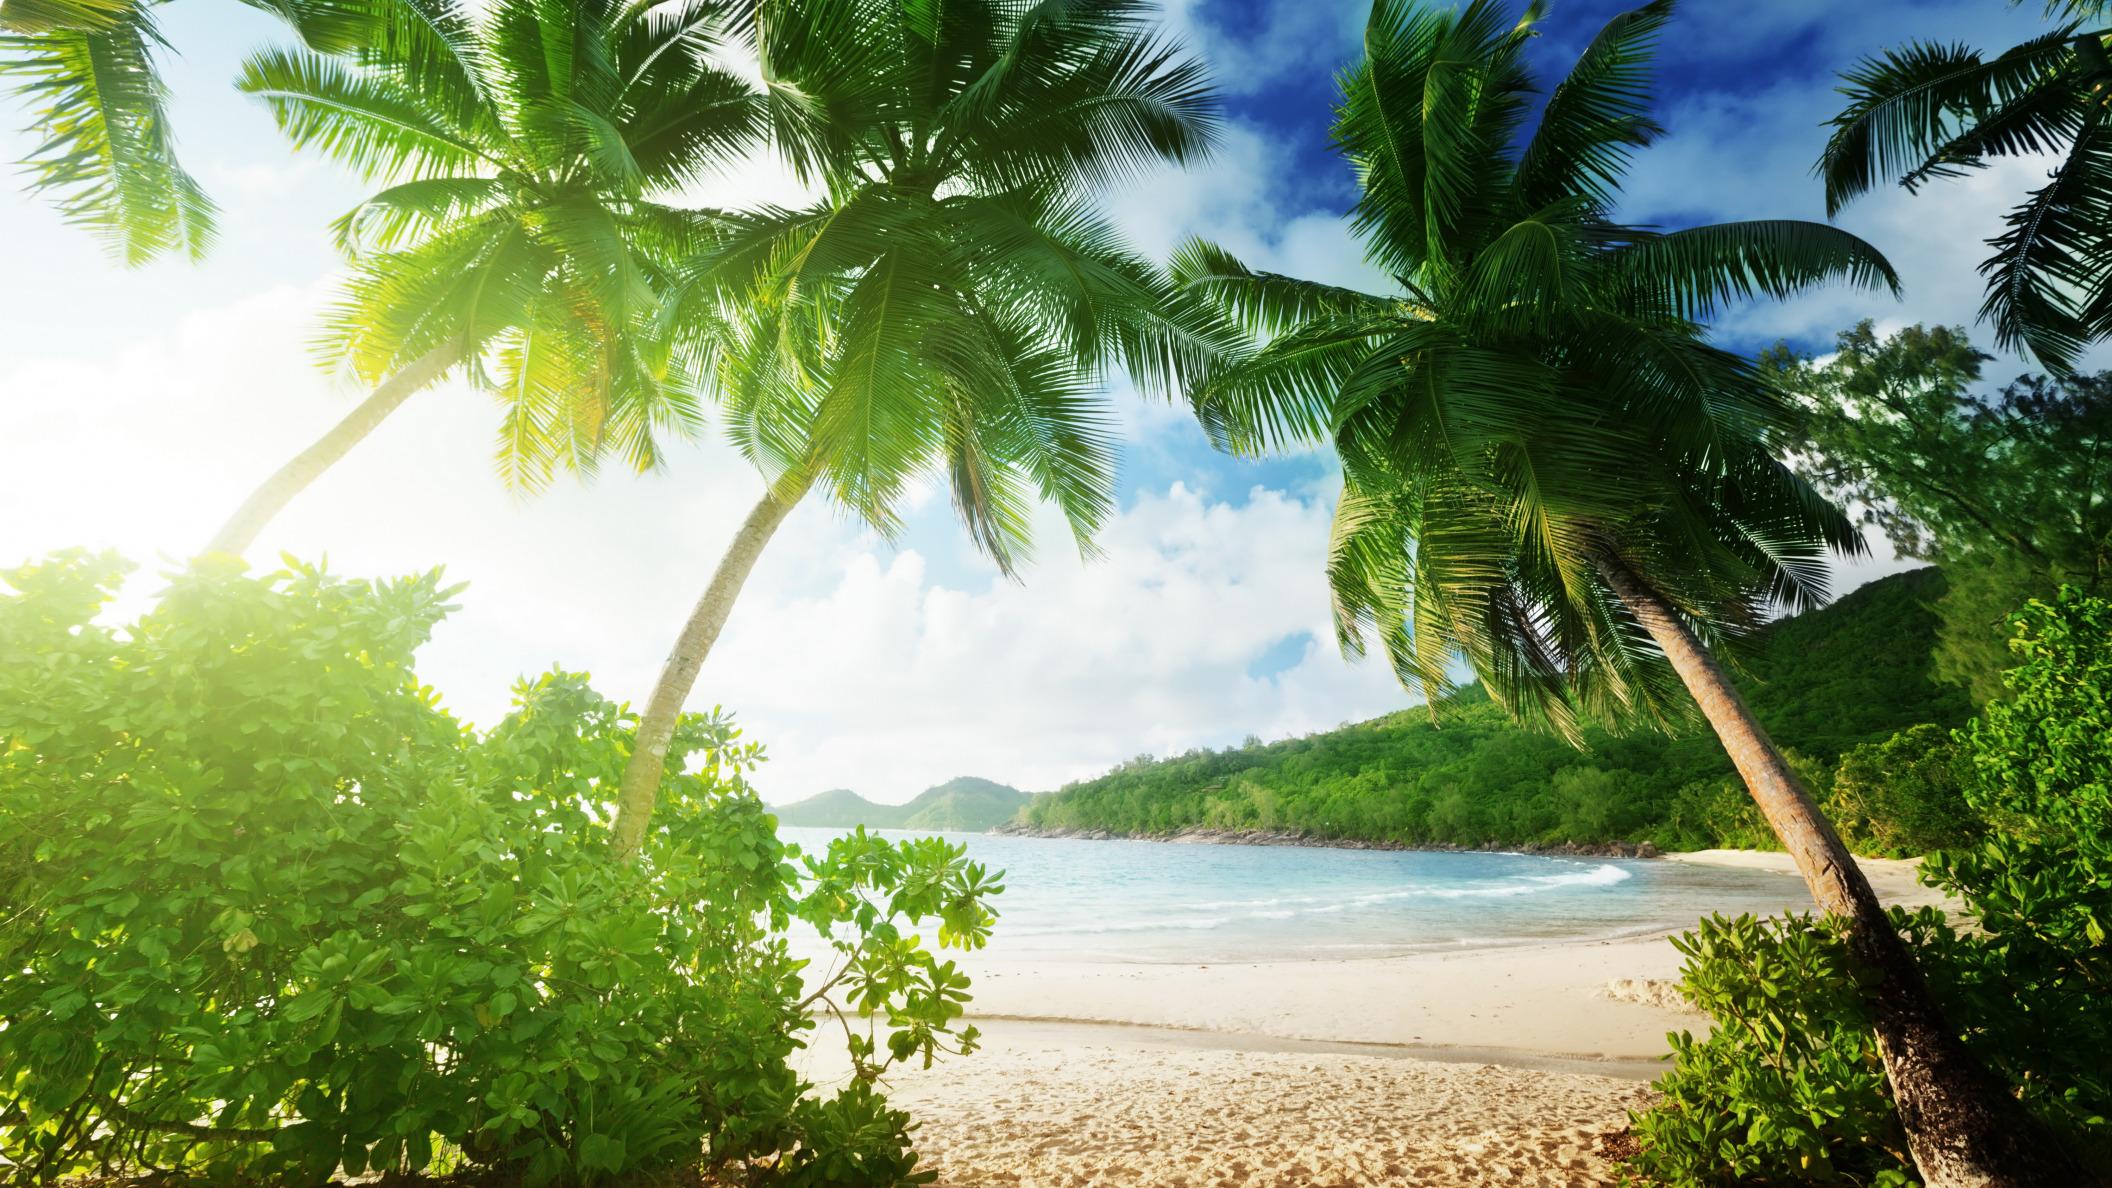 Картинки с пляжами морем на рабочий стол